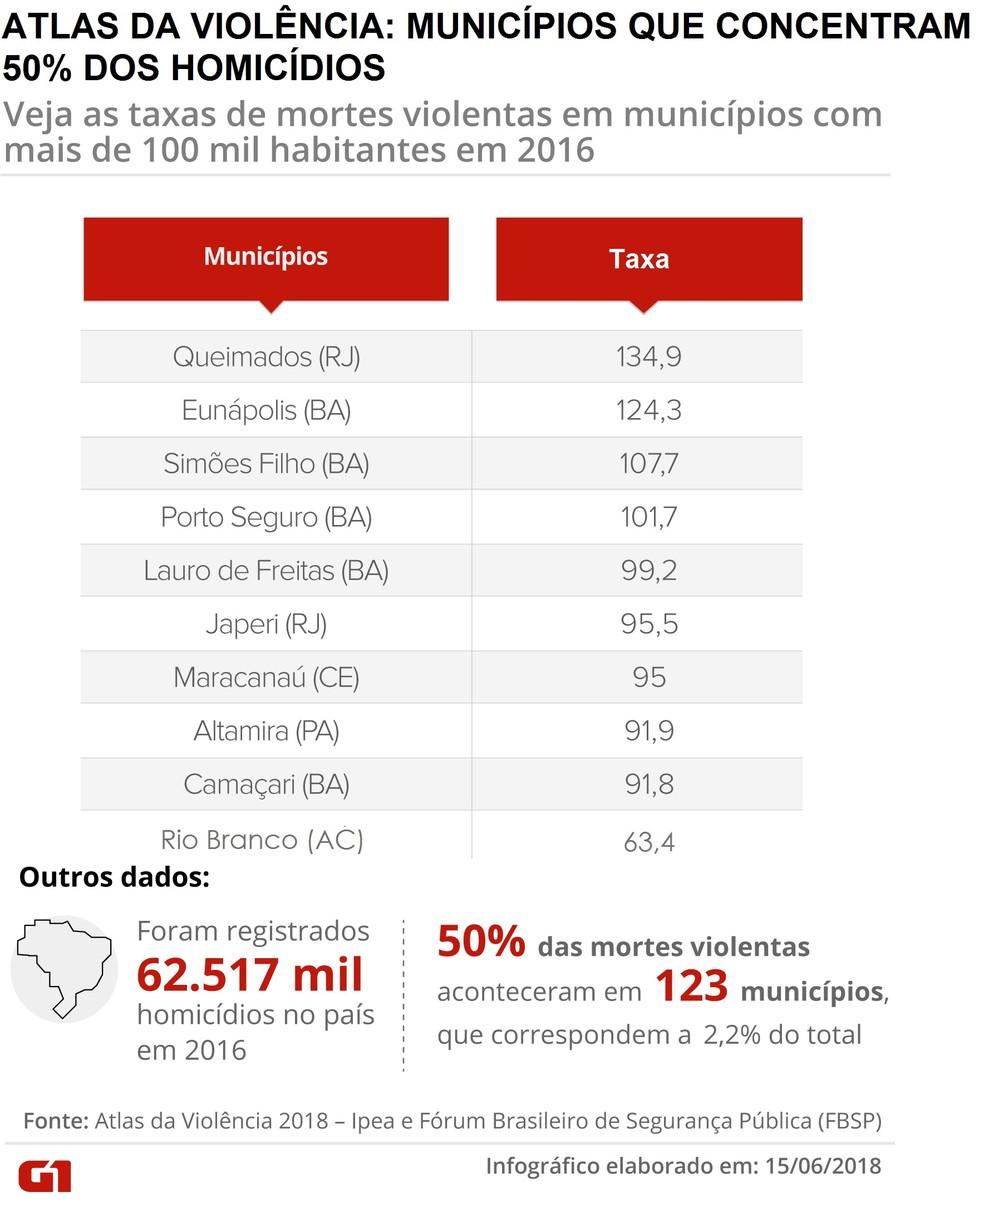 Atlas da Violência 2018: municípios que concentram 50% dos homicídios do país (Foto: Iryá Rodrigues/G1)